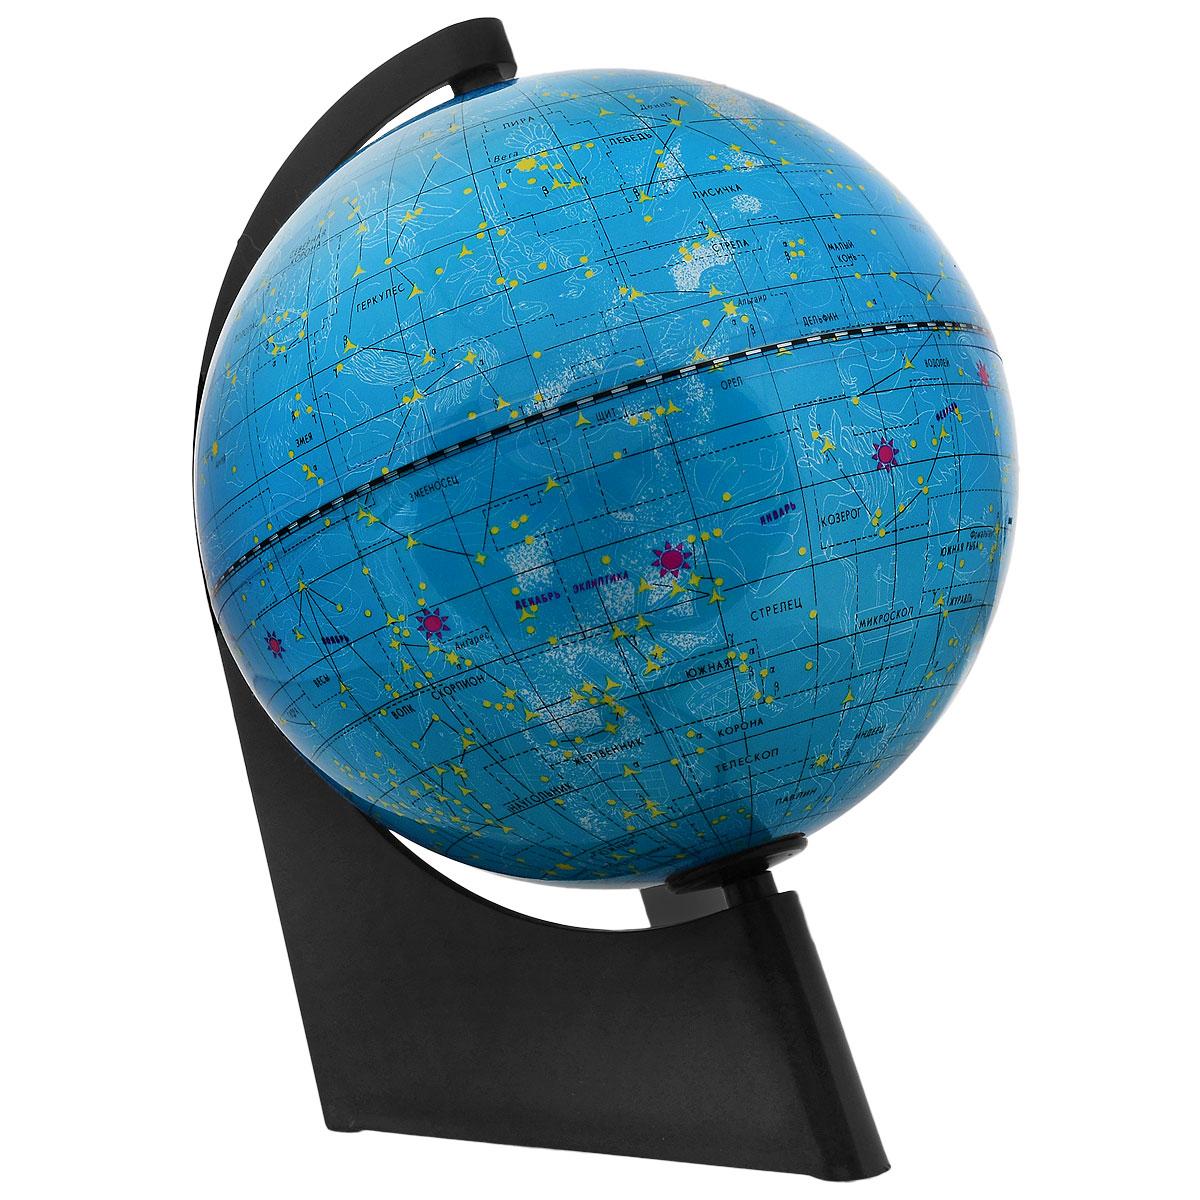 Глобус звездного неба Глобусный мир, изготовленный из высококачественного прочного пластика.Данная модель предназначена для ознакомления с космосом, звездами и созвездиями. На нем нанесены те же круги, что и на картах звёздного неба, - небесные параллели, меридианы, экватор и эклиптика. Глобус имеет функцию подсветки от электрической сети, при включении которой рисунки созвездий, зодиакальные созвездия высвечиваются яркими цветами. Такой глобус станет прекрасным подарком и учебным материалом для дальнейшего изучения астрономии. Помимо этого глобус обладает приятной цветовой гаммой. Изделие расположено на треугольной подставке.  Настольный глобус звездного неба Глобусный мир станет оригинальным украшением рабочего стола или вашего кабинета. Это изысканная вещь для стильного интерьера, которая станет прекрасным подарком для современного преуспевающего человека, следующего последним тенденциям моды и стремящегося к элегантности и комфорту в каждой детали.Масштаб: 1:60 000 000.